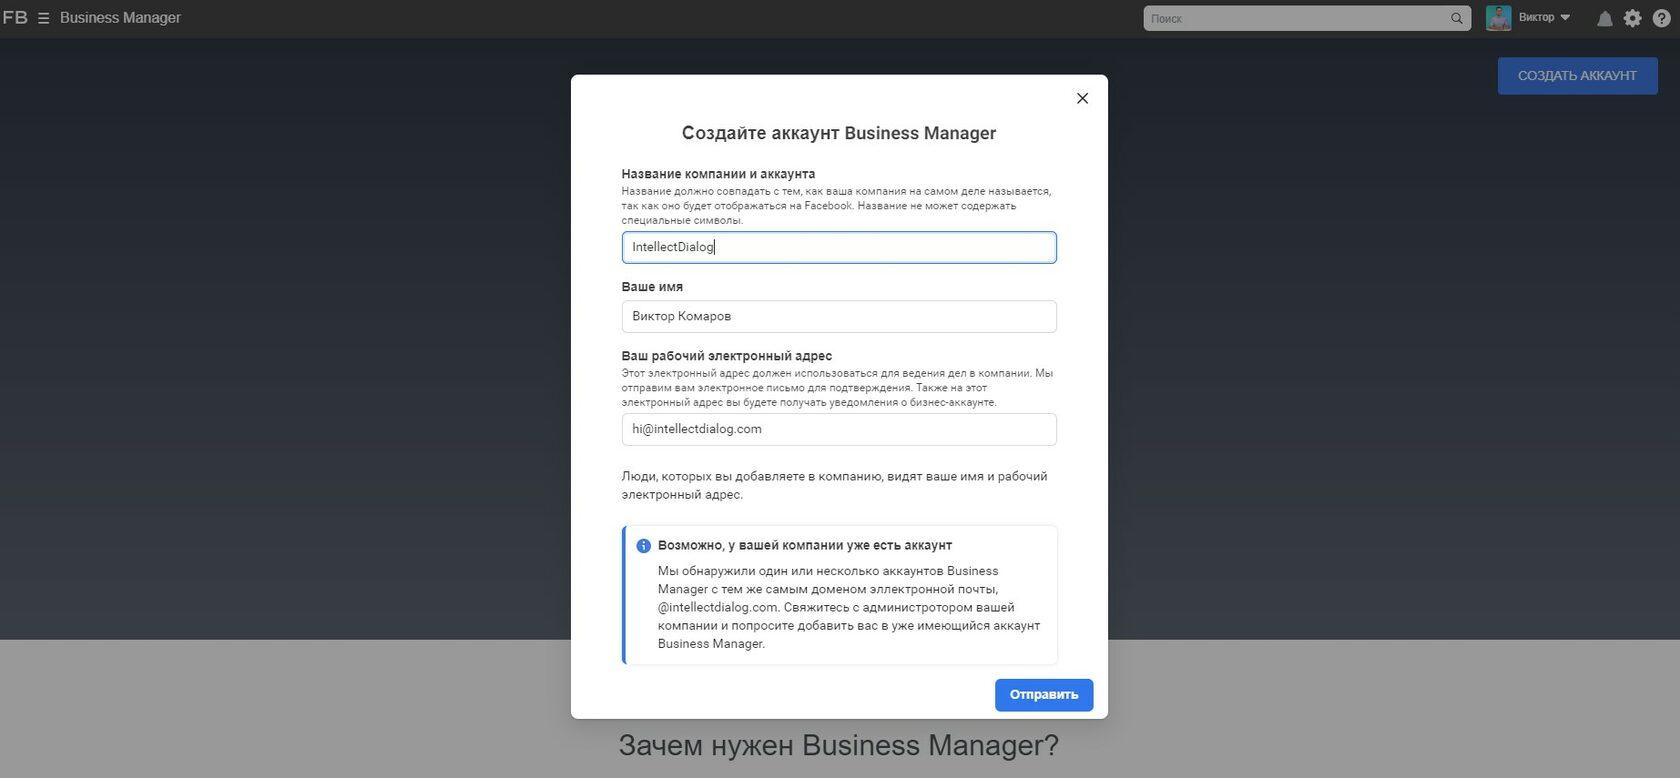 Создание аккаунта в facebook business manager